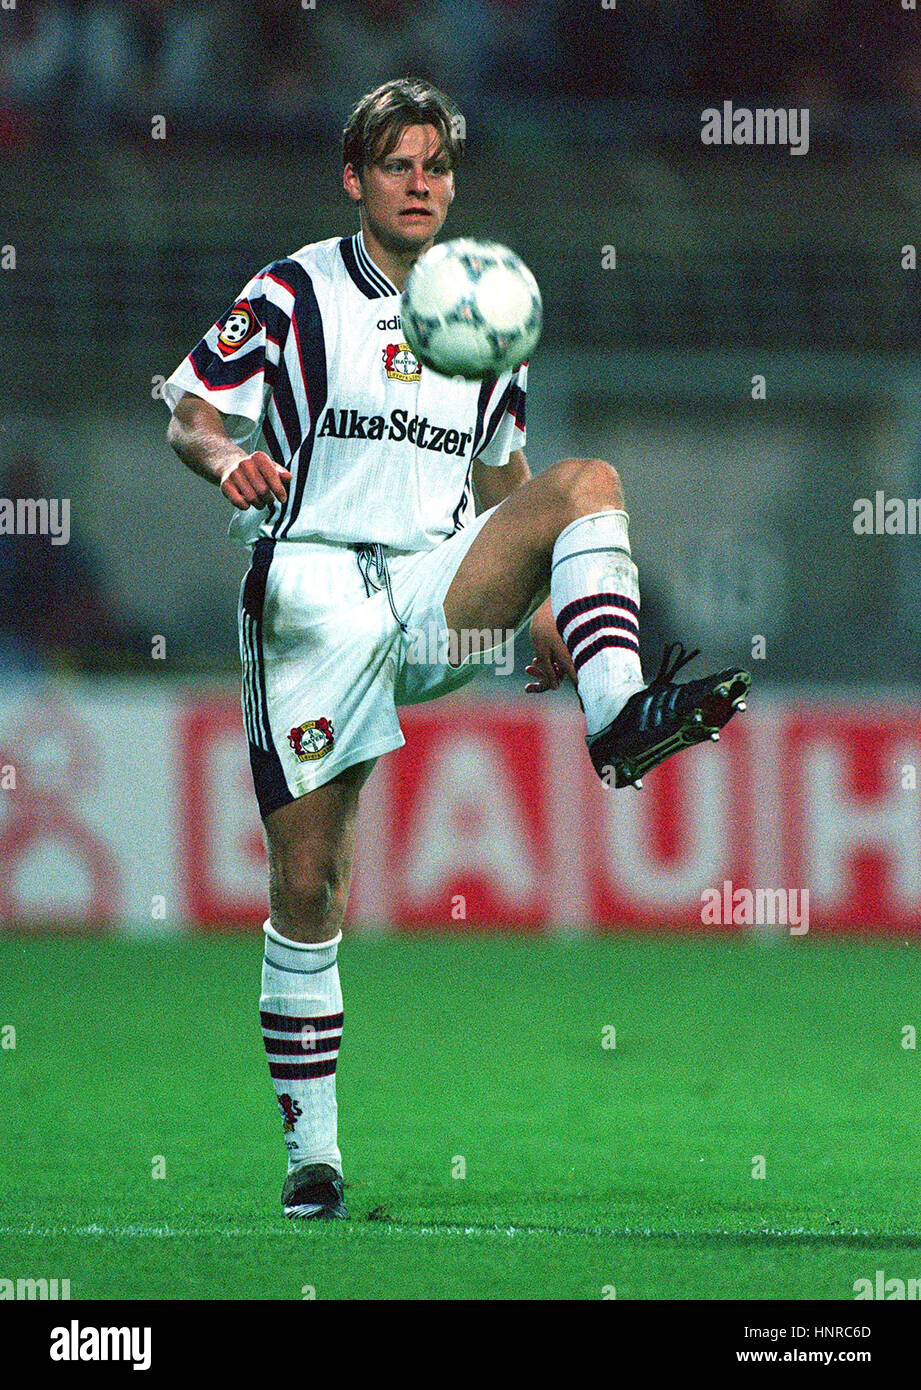 CHRISTIAN WORNS TSV BAYER 04 LEVERKUSEN 04 November 1996 - Stock Image